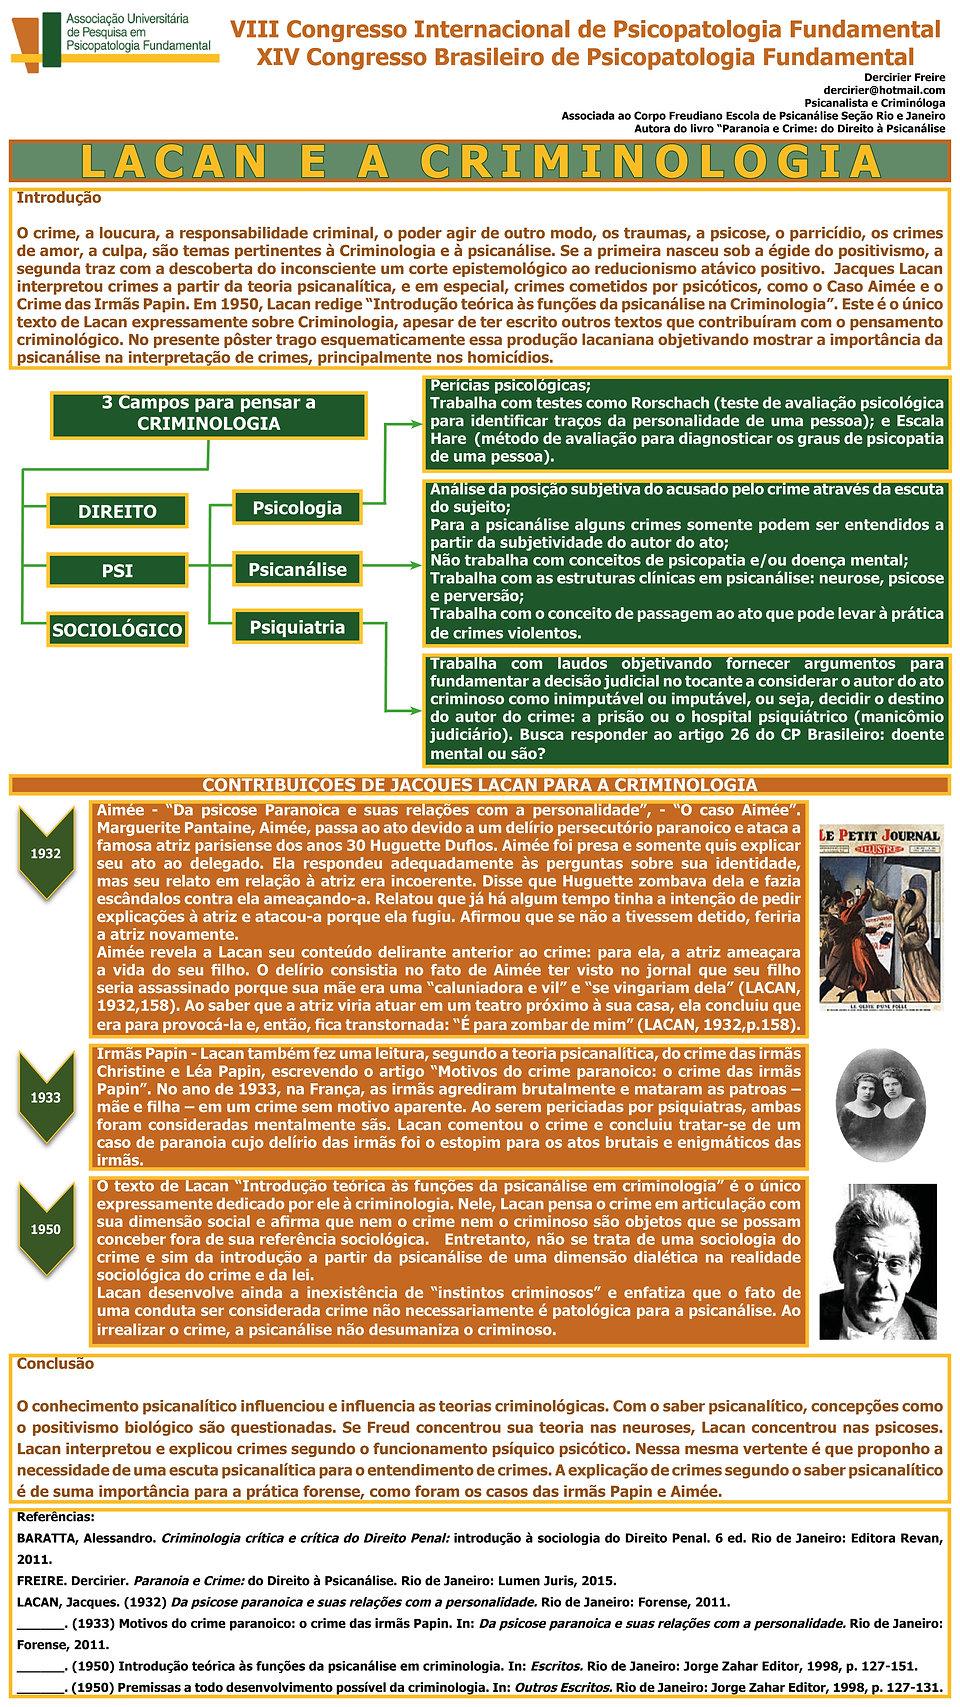 Poster Lacan e a criminologia.jpg